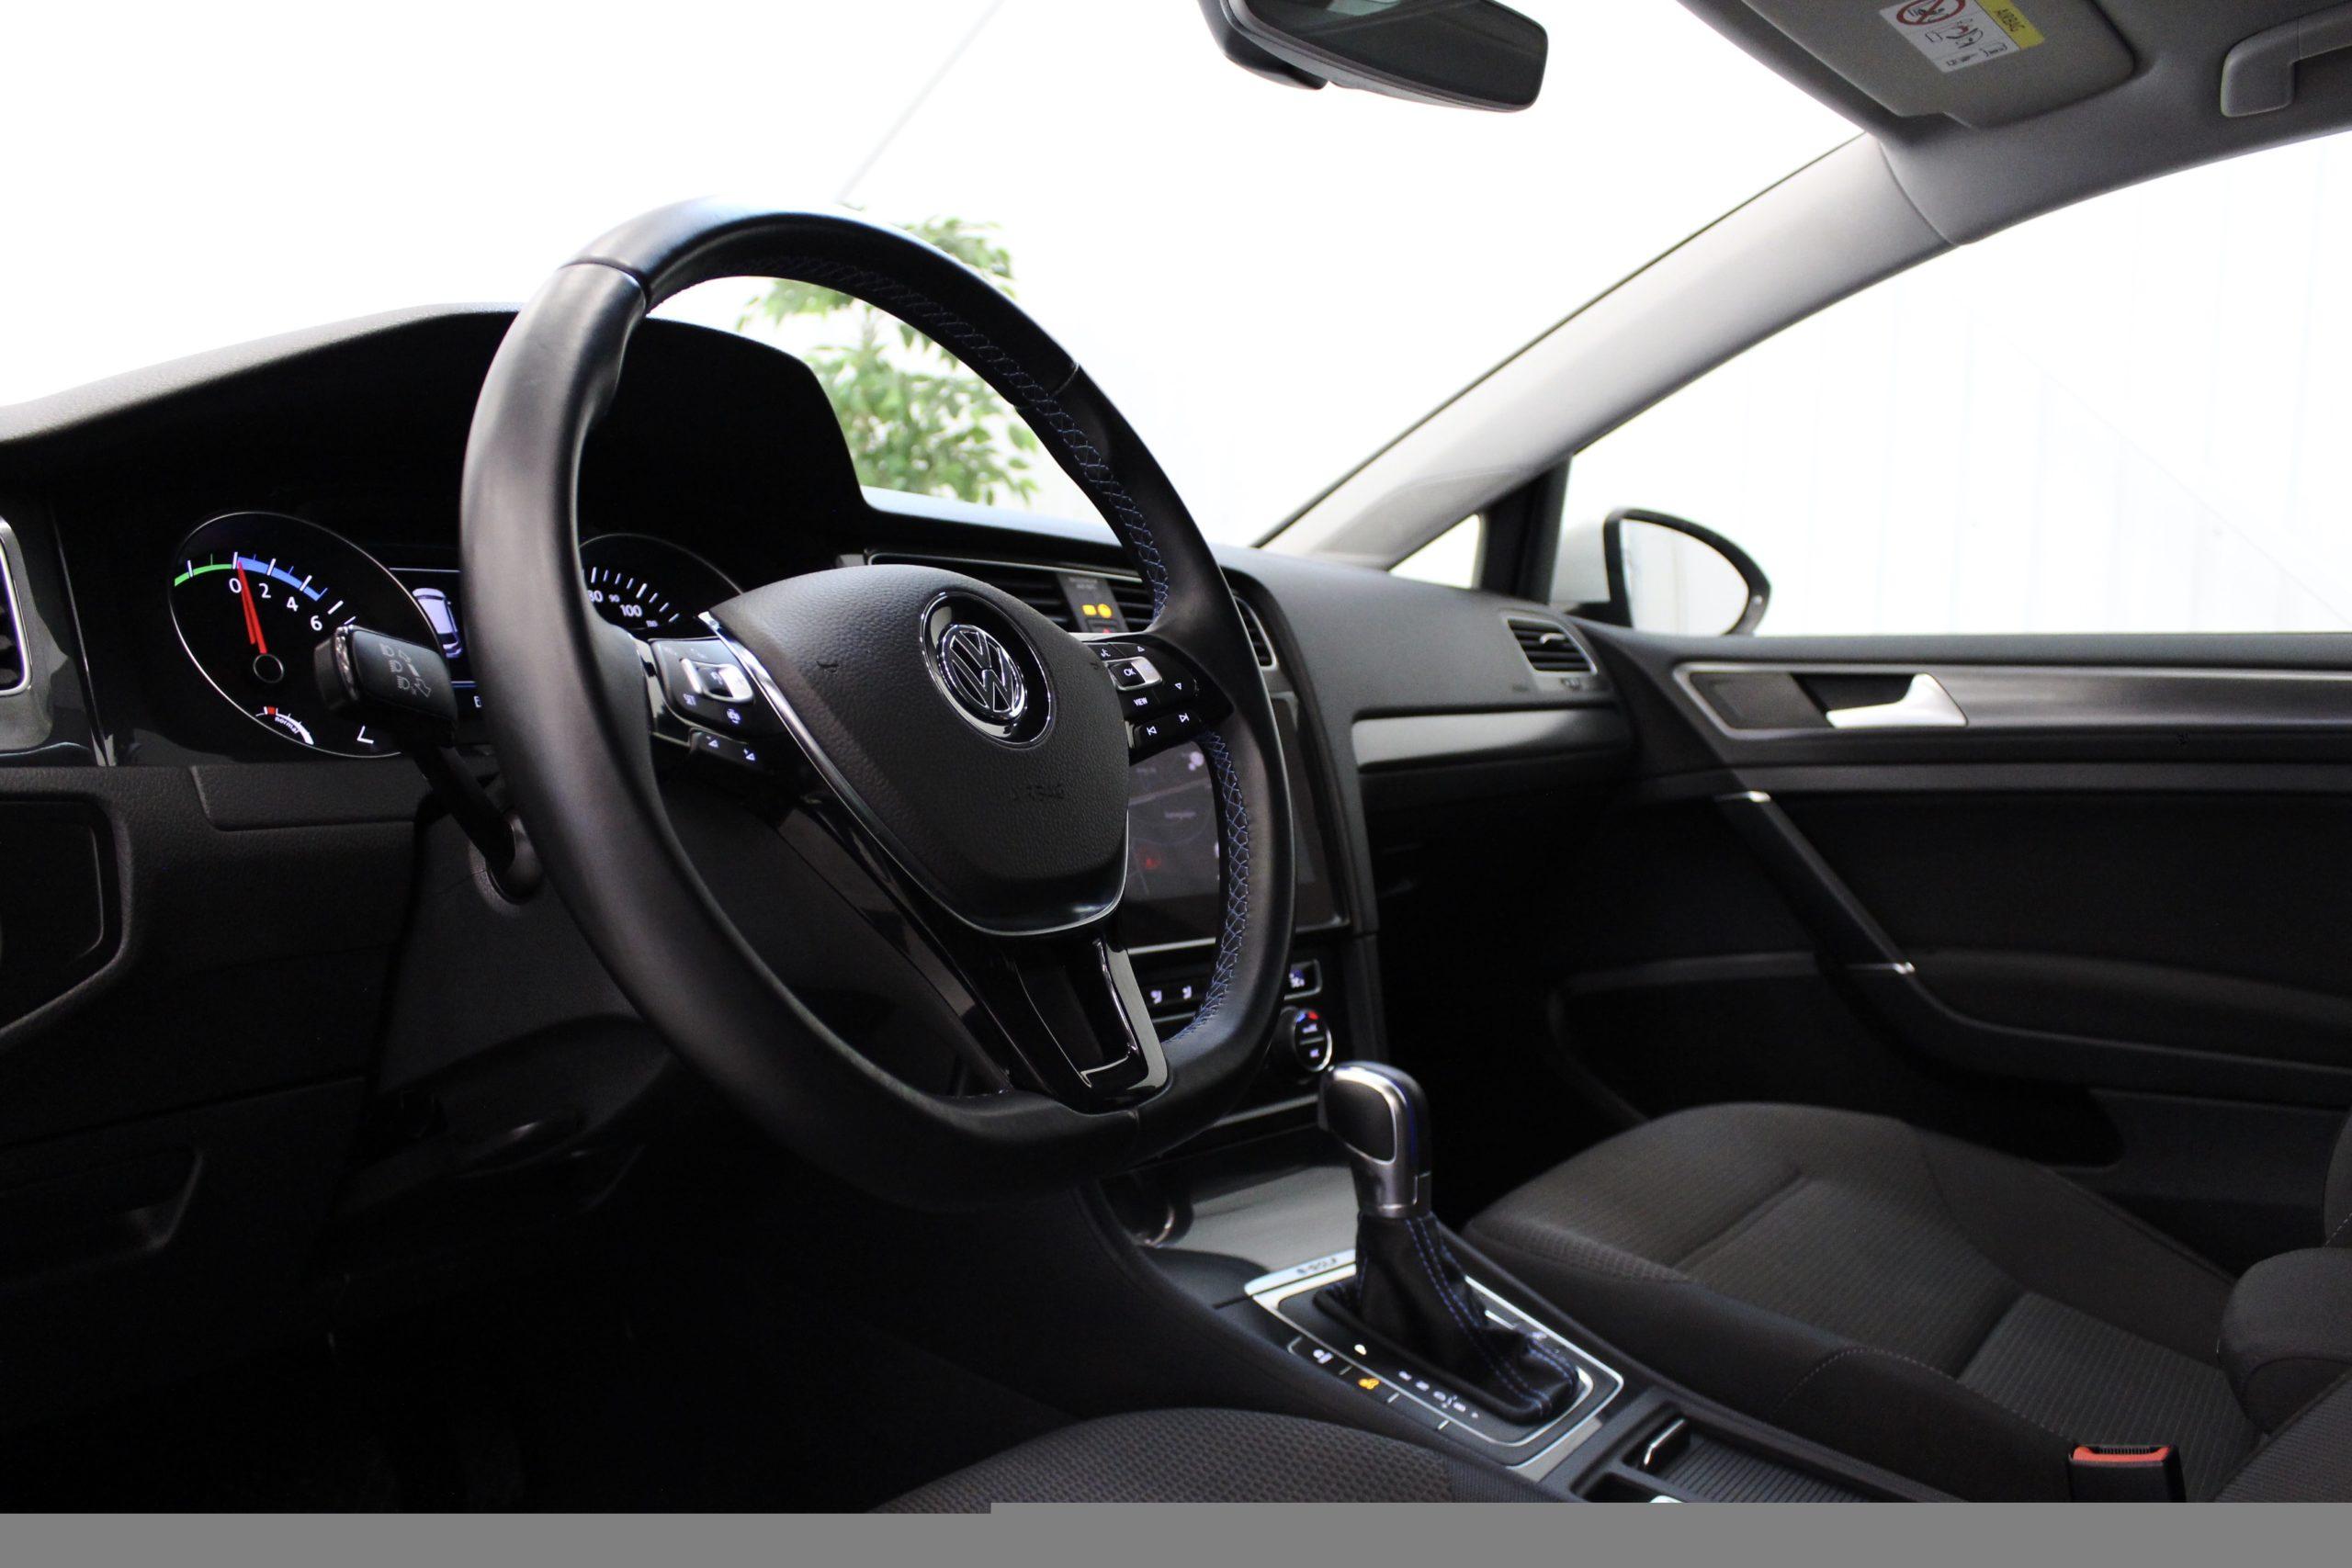 Volkswagen E-Golf Single Speed Comfort Euro 6